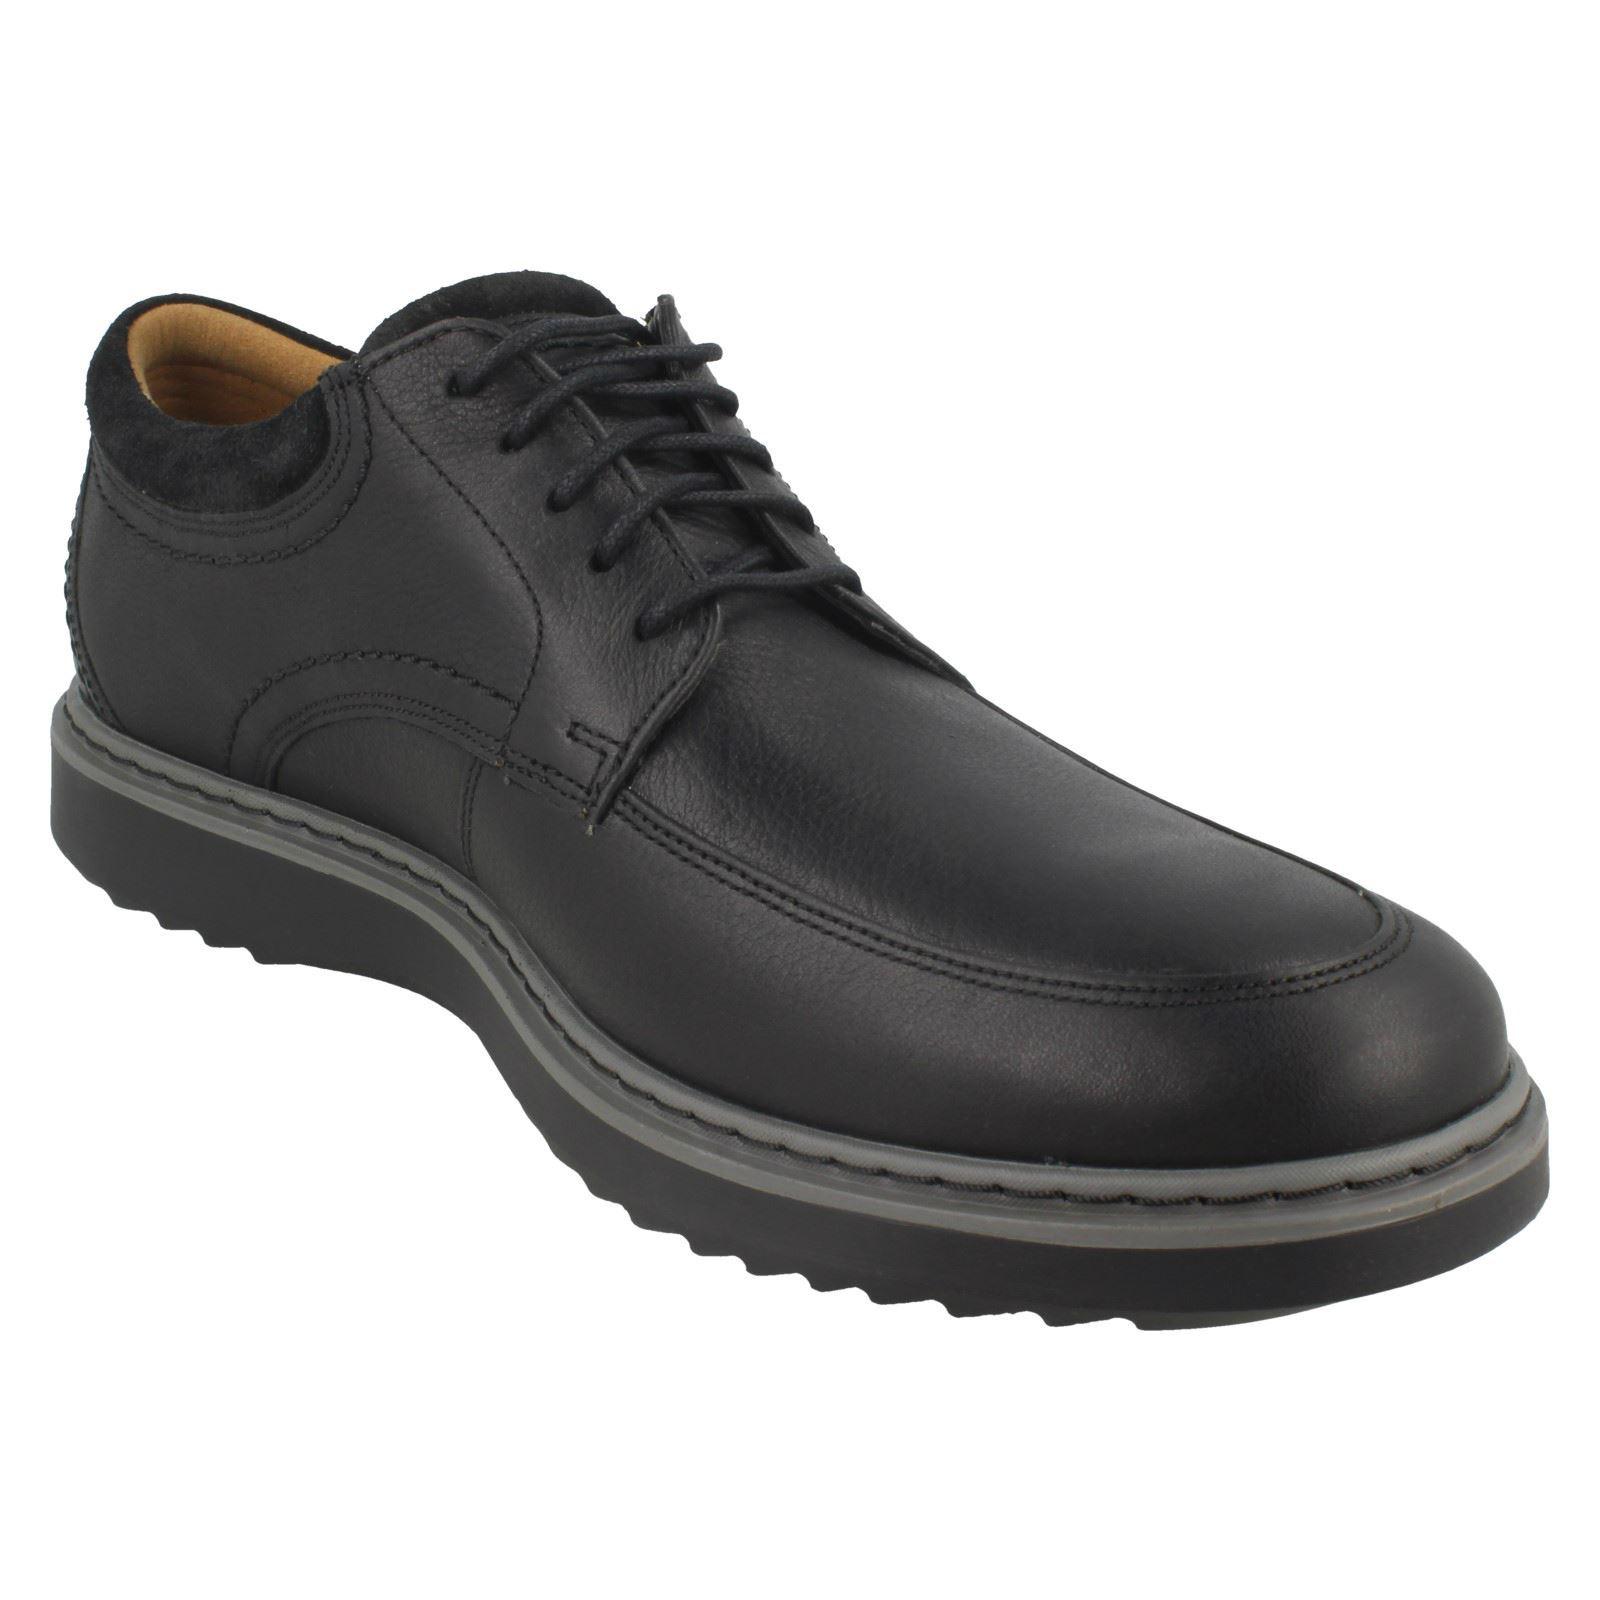 Detalles de Hombre sin Estructura By Clarks Zapatos Casuales con Cordones un Geo Lo